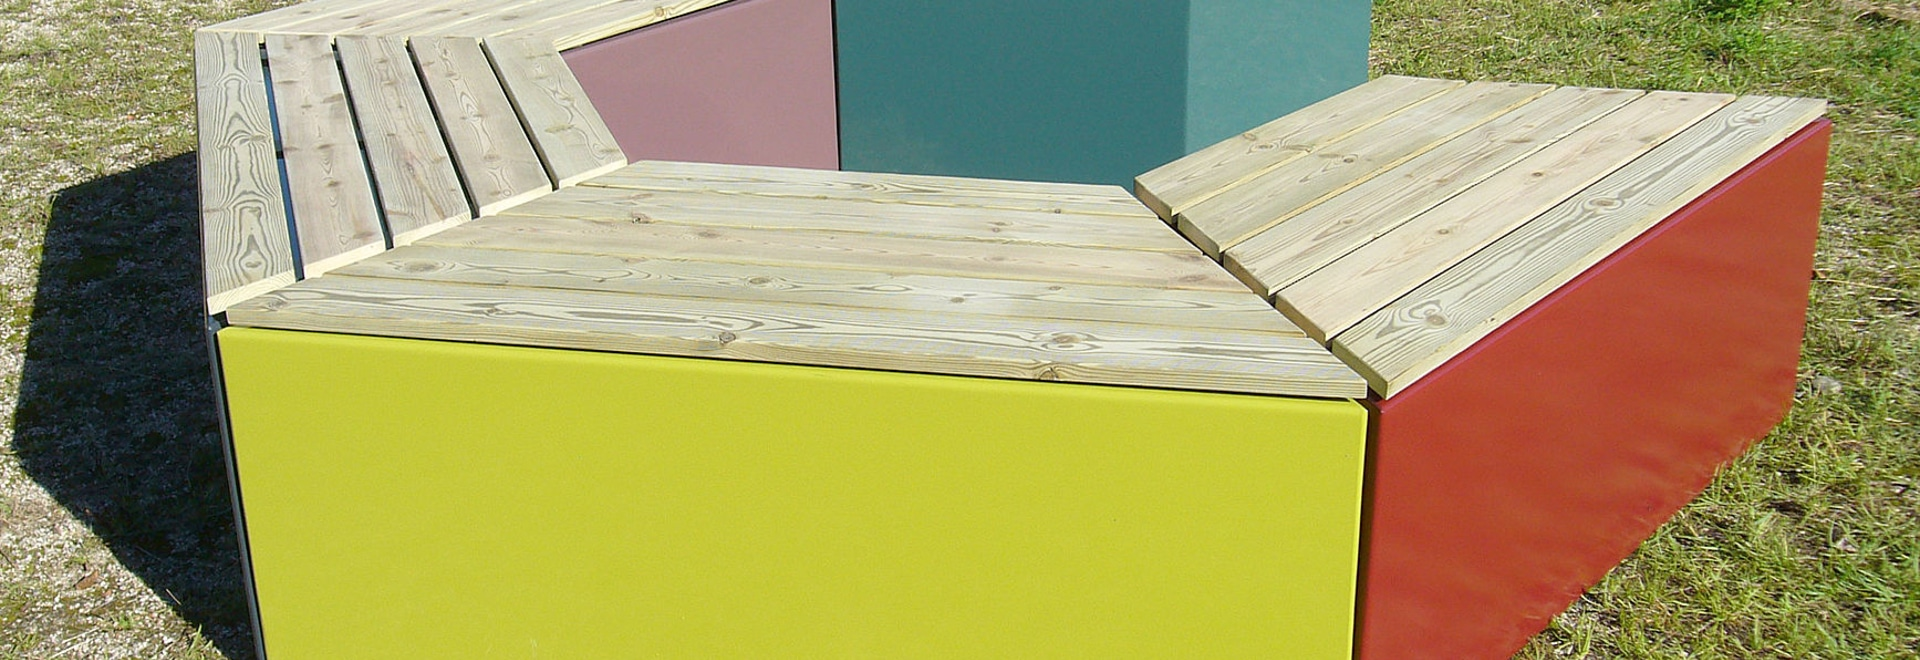 Banc  TRIA, jeu de formes, couleurs et matériaux